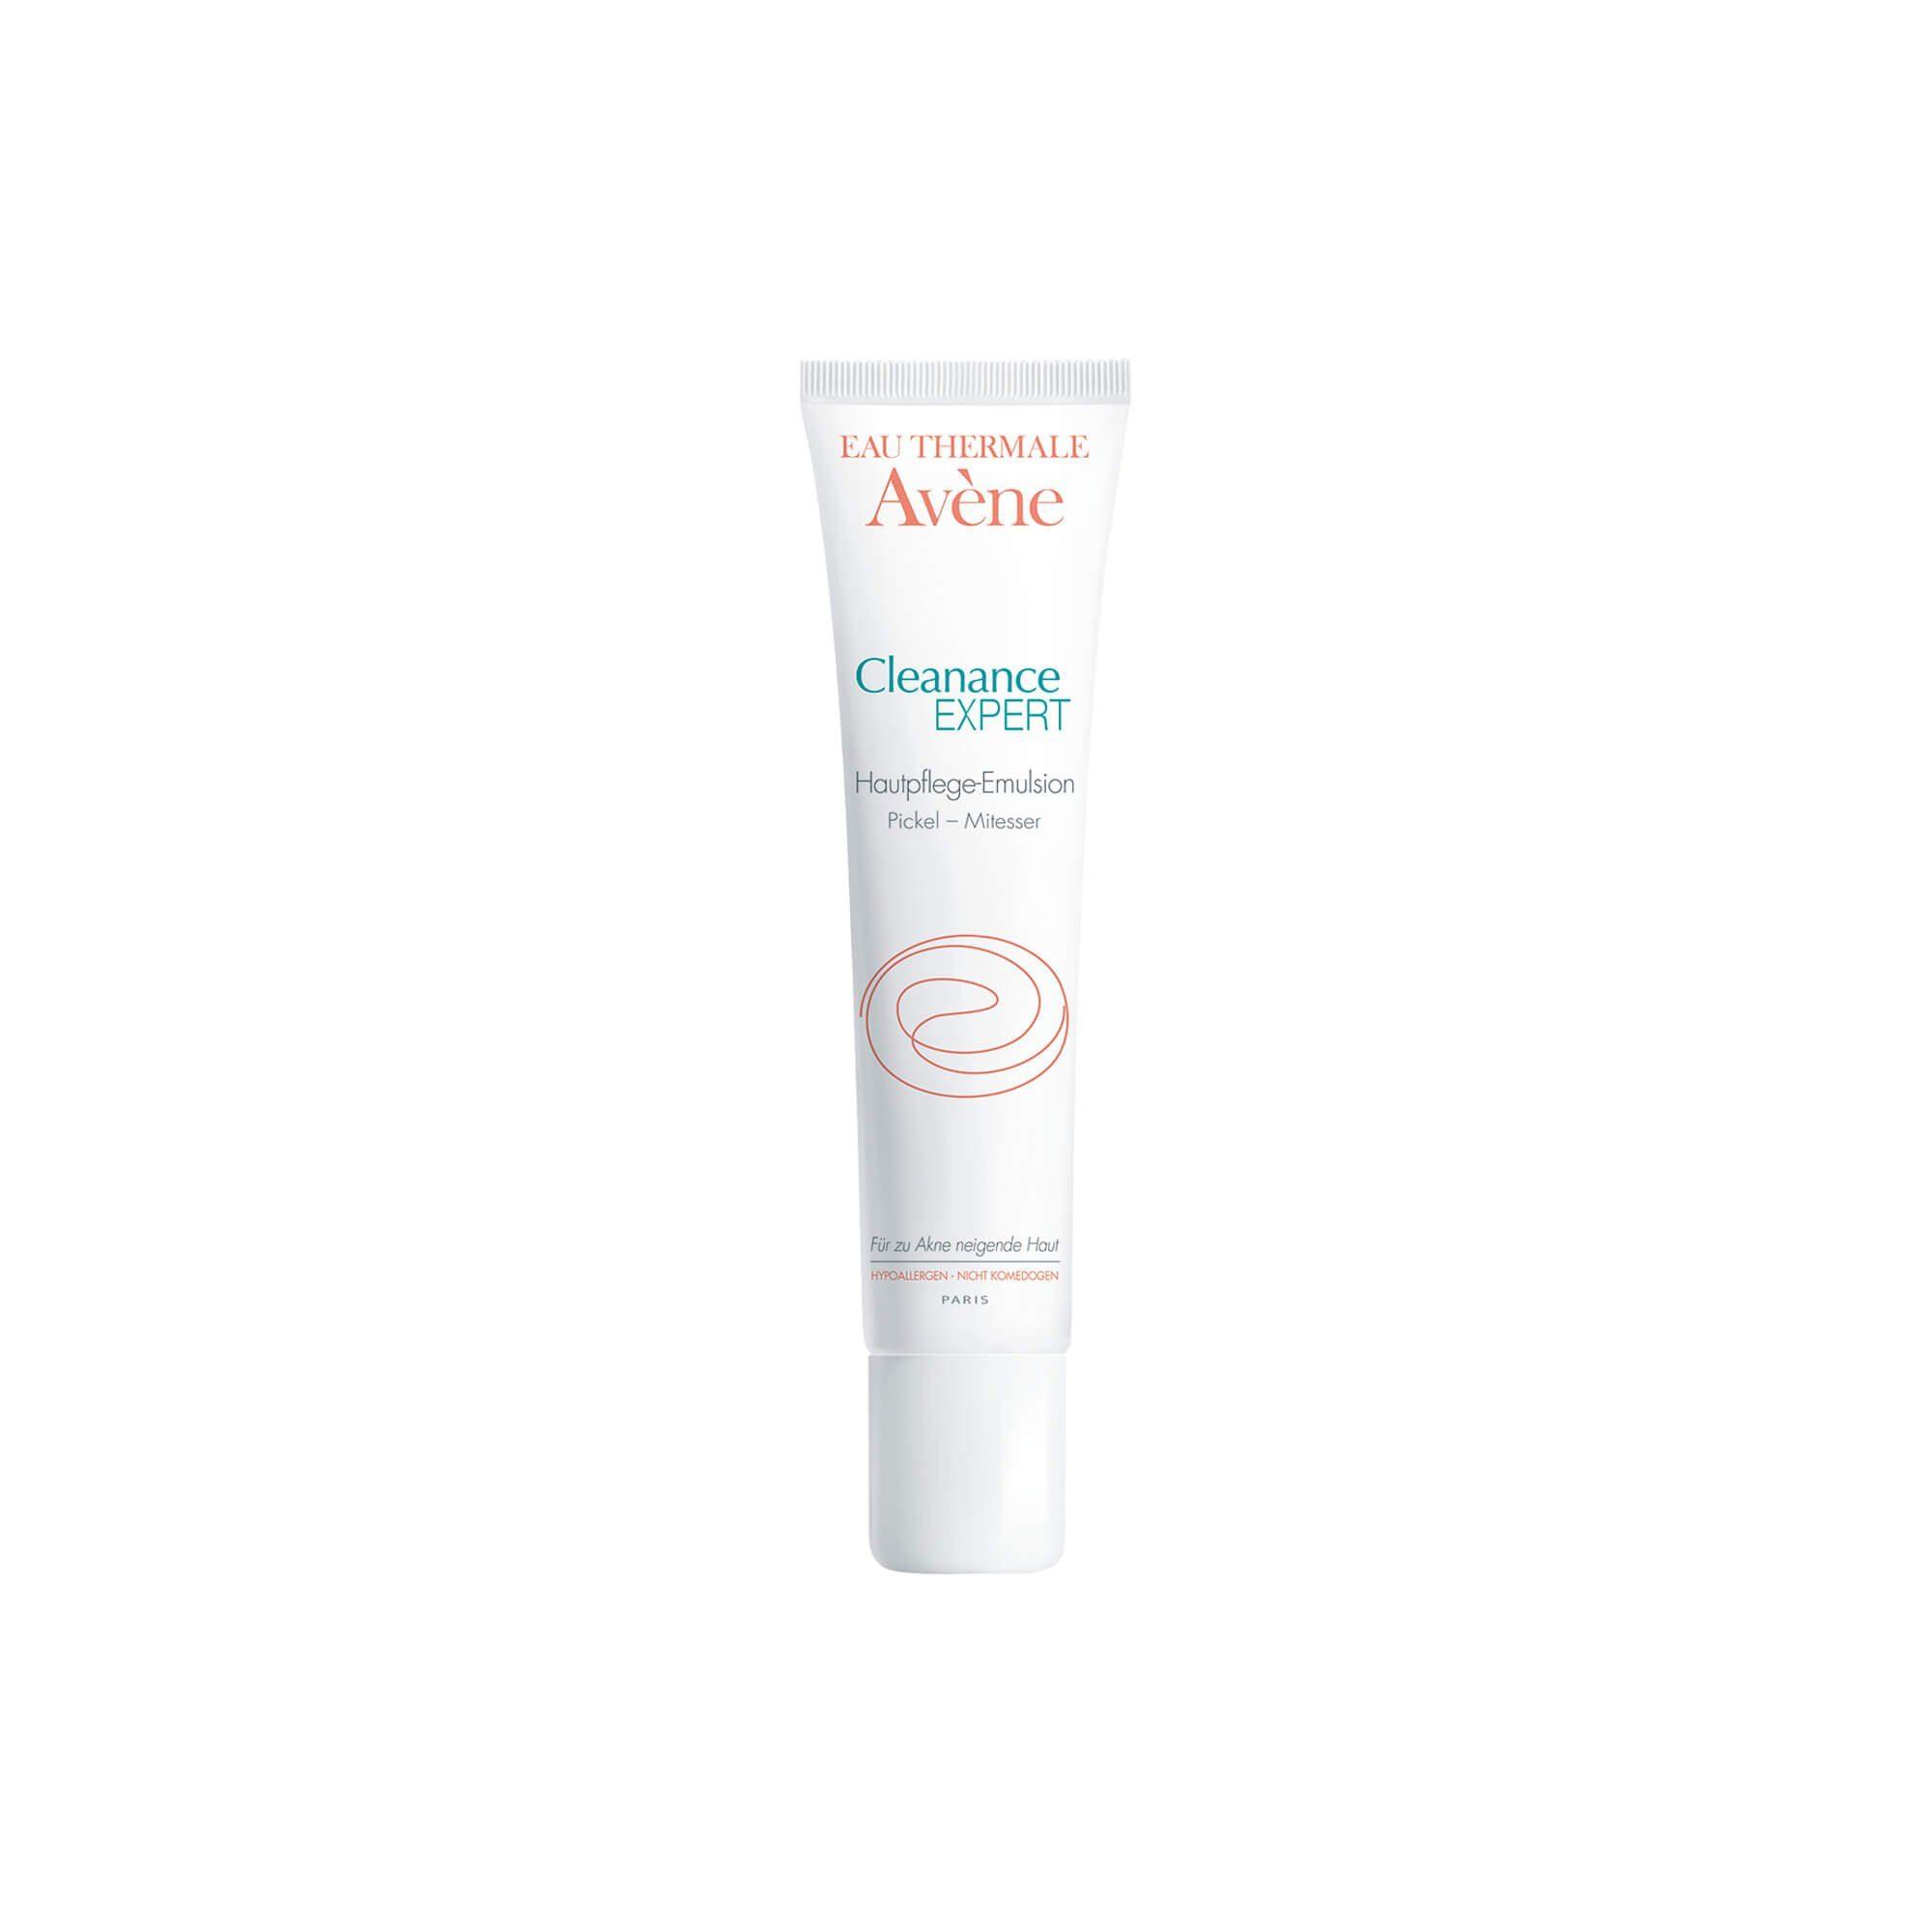 Avene Avene Cleanance Expert Emulsion, 40 ml